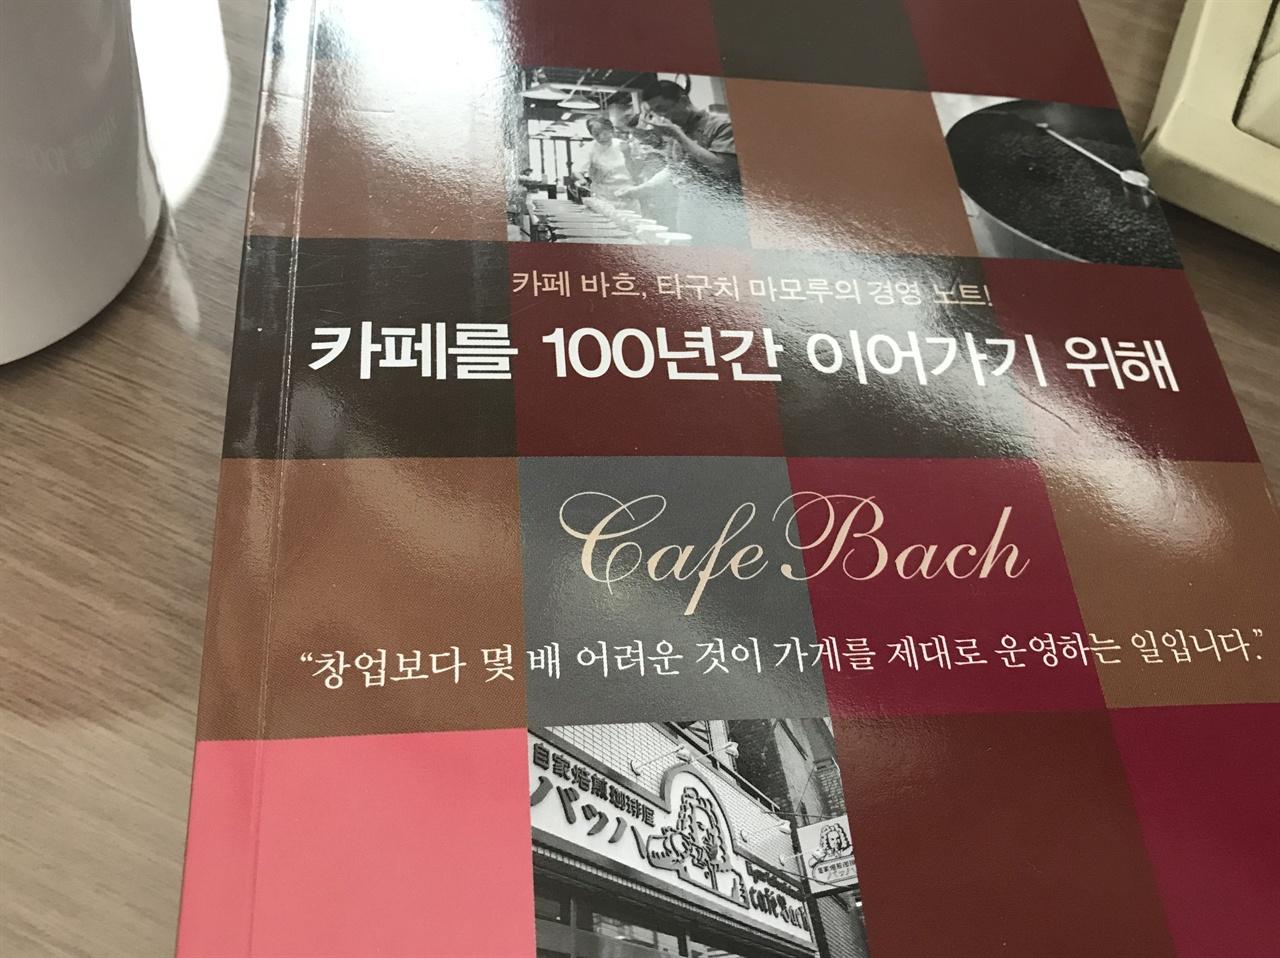 '카페 바흐'와 주인장 타구치 마모루를 만났다. 1968년부터 카페 사업을 해 온 그의 저서는 <카페를 100년간 이어가기 위해>였다. 그 책을 읽는 동안 카페 경영자로서의 자격이 없다는 자책을 수도 없이 했다.